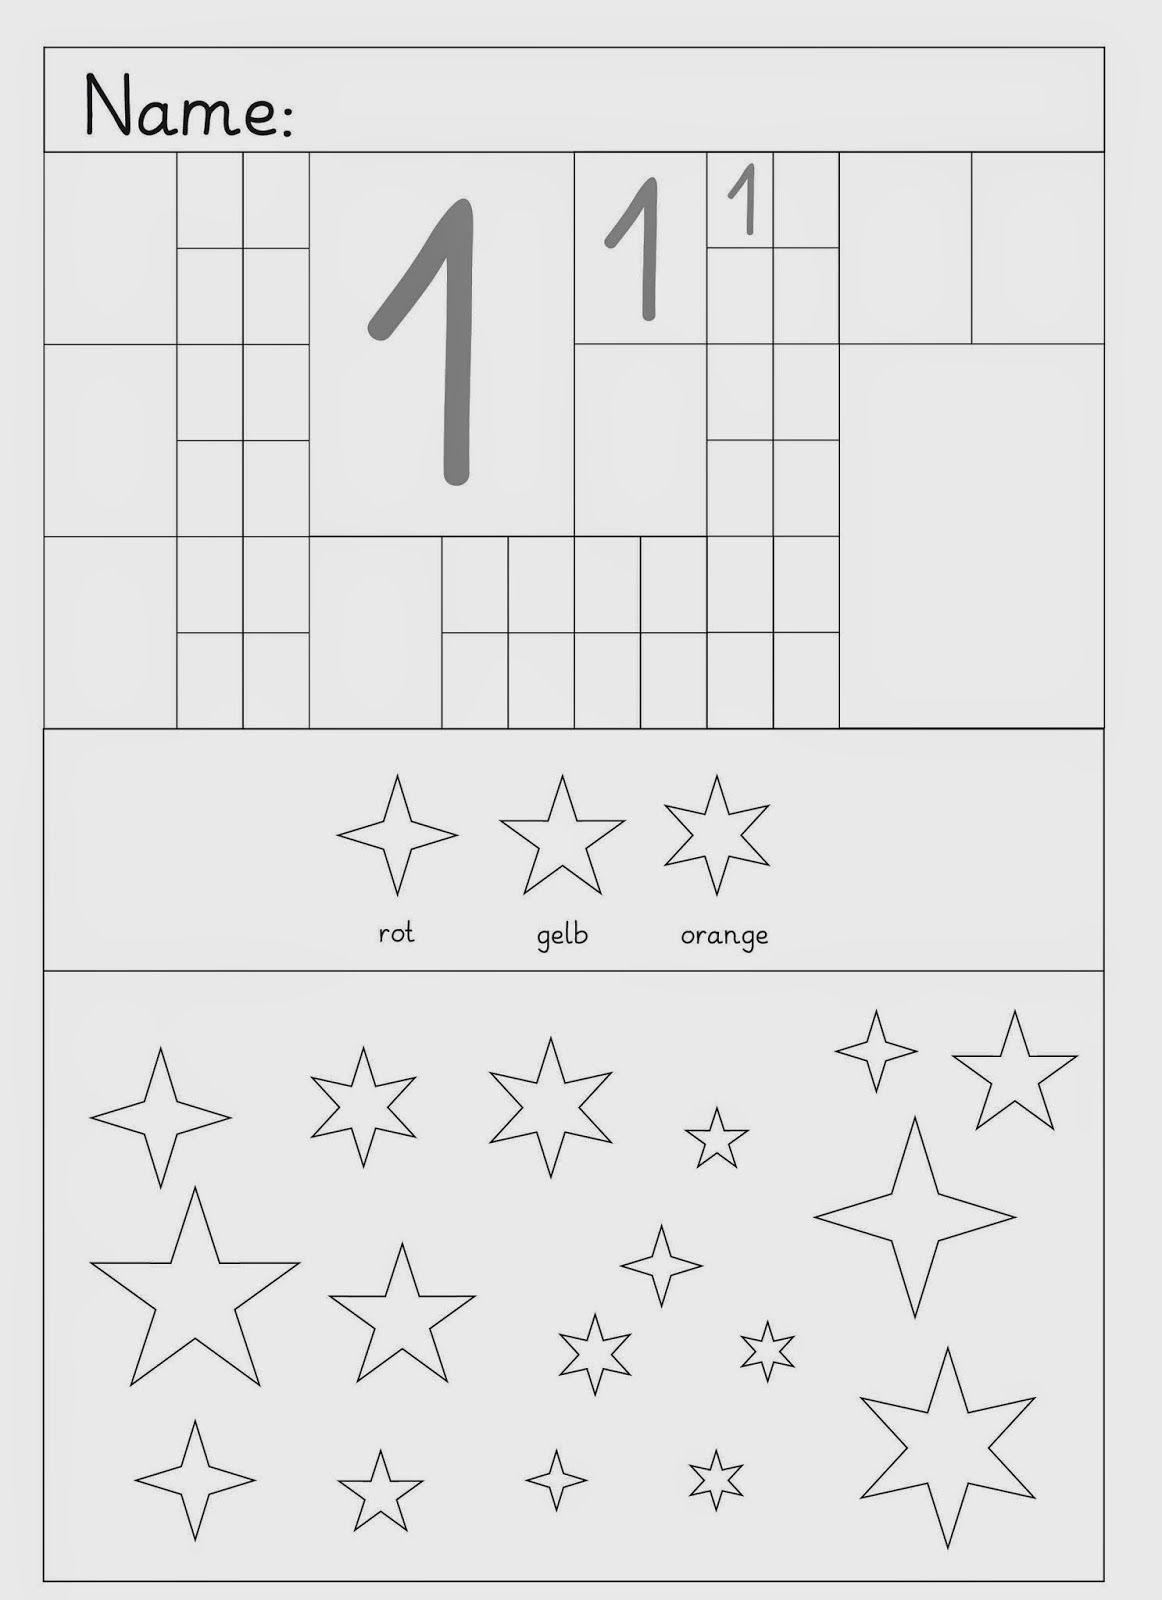 Ziffern Schreiben Und Andere Übungen | Zahlen Schreiben innen Schreiben Lernen Übungen